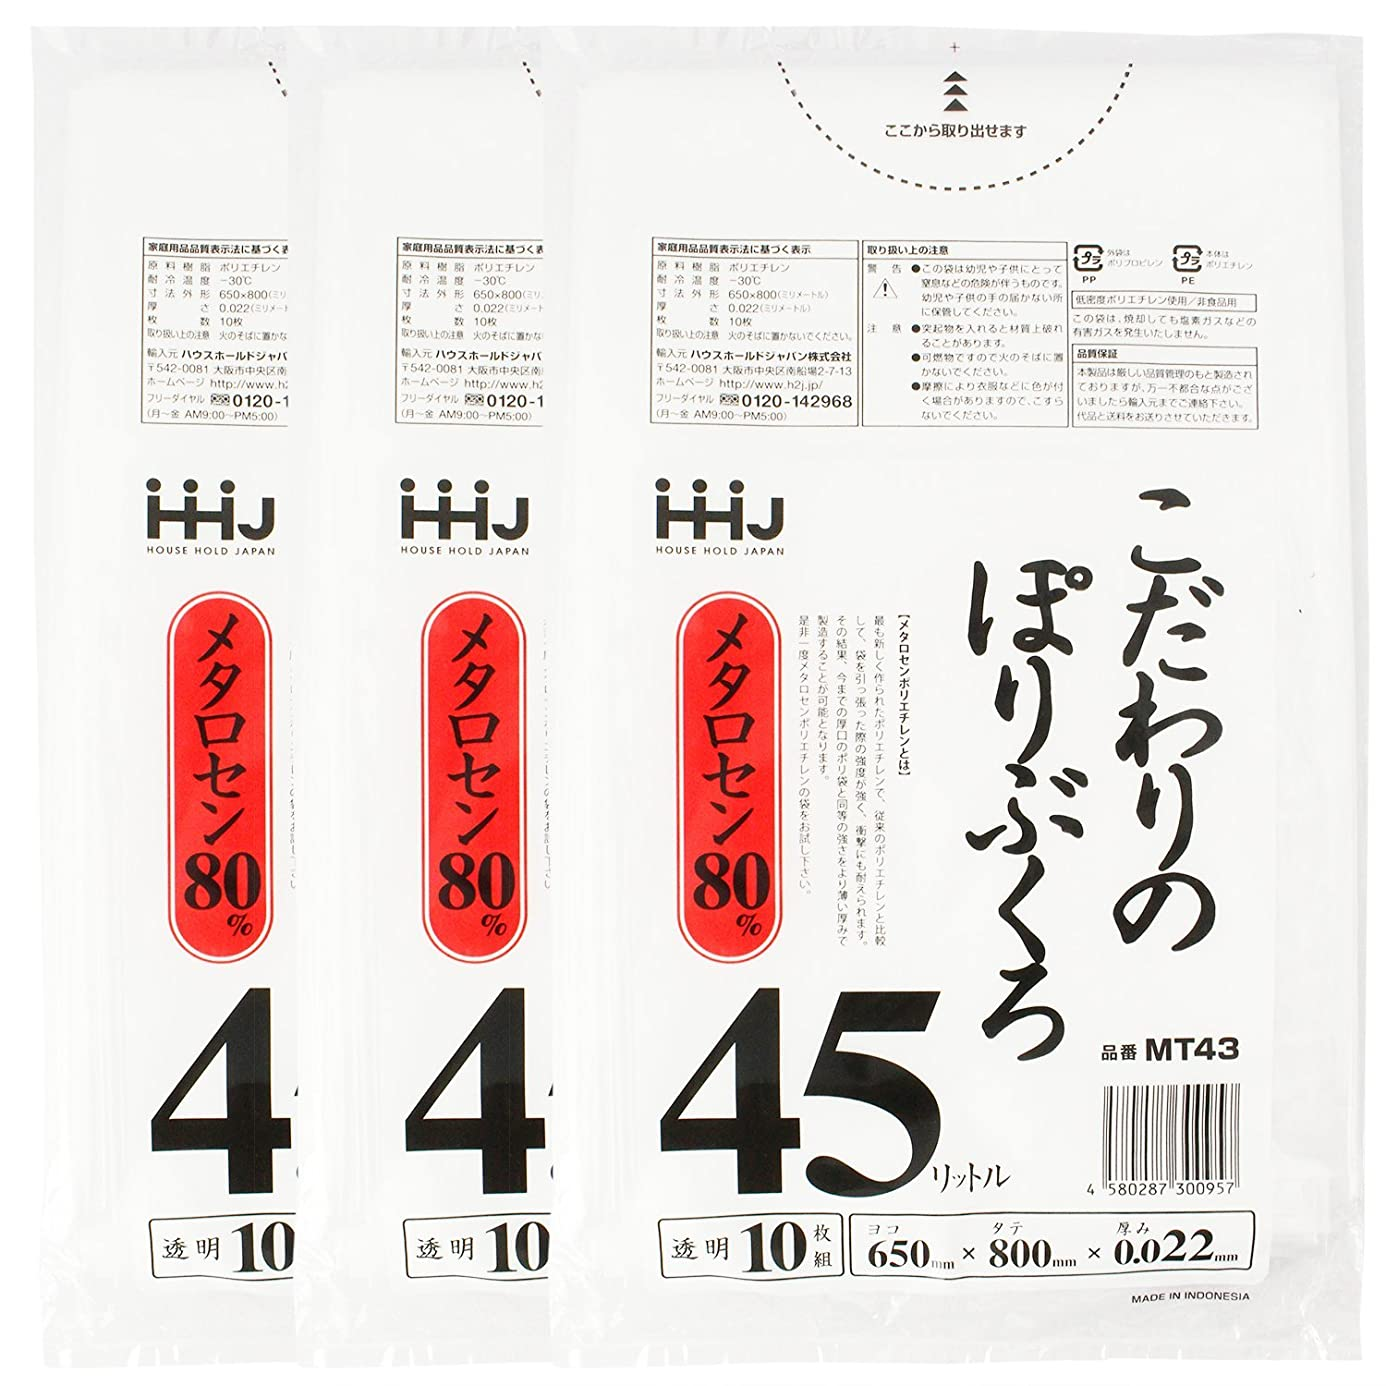 ジェット基礎フライカイトハウスホールドジャパン こだわりのぽりぶくろ 透明 45L 0.022ミリ厚 薄くてもよく伸びるメタロセン高配合タイプ MT43 10枚入,3個セット